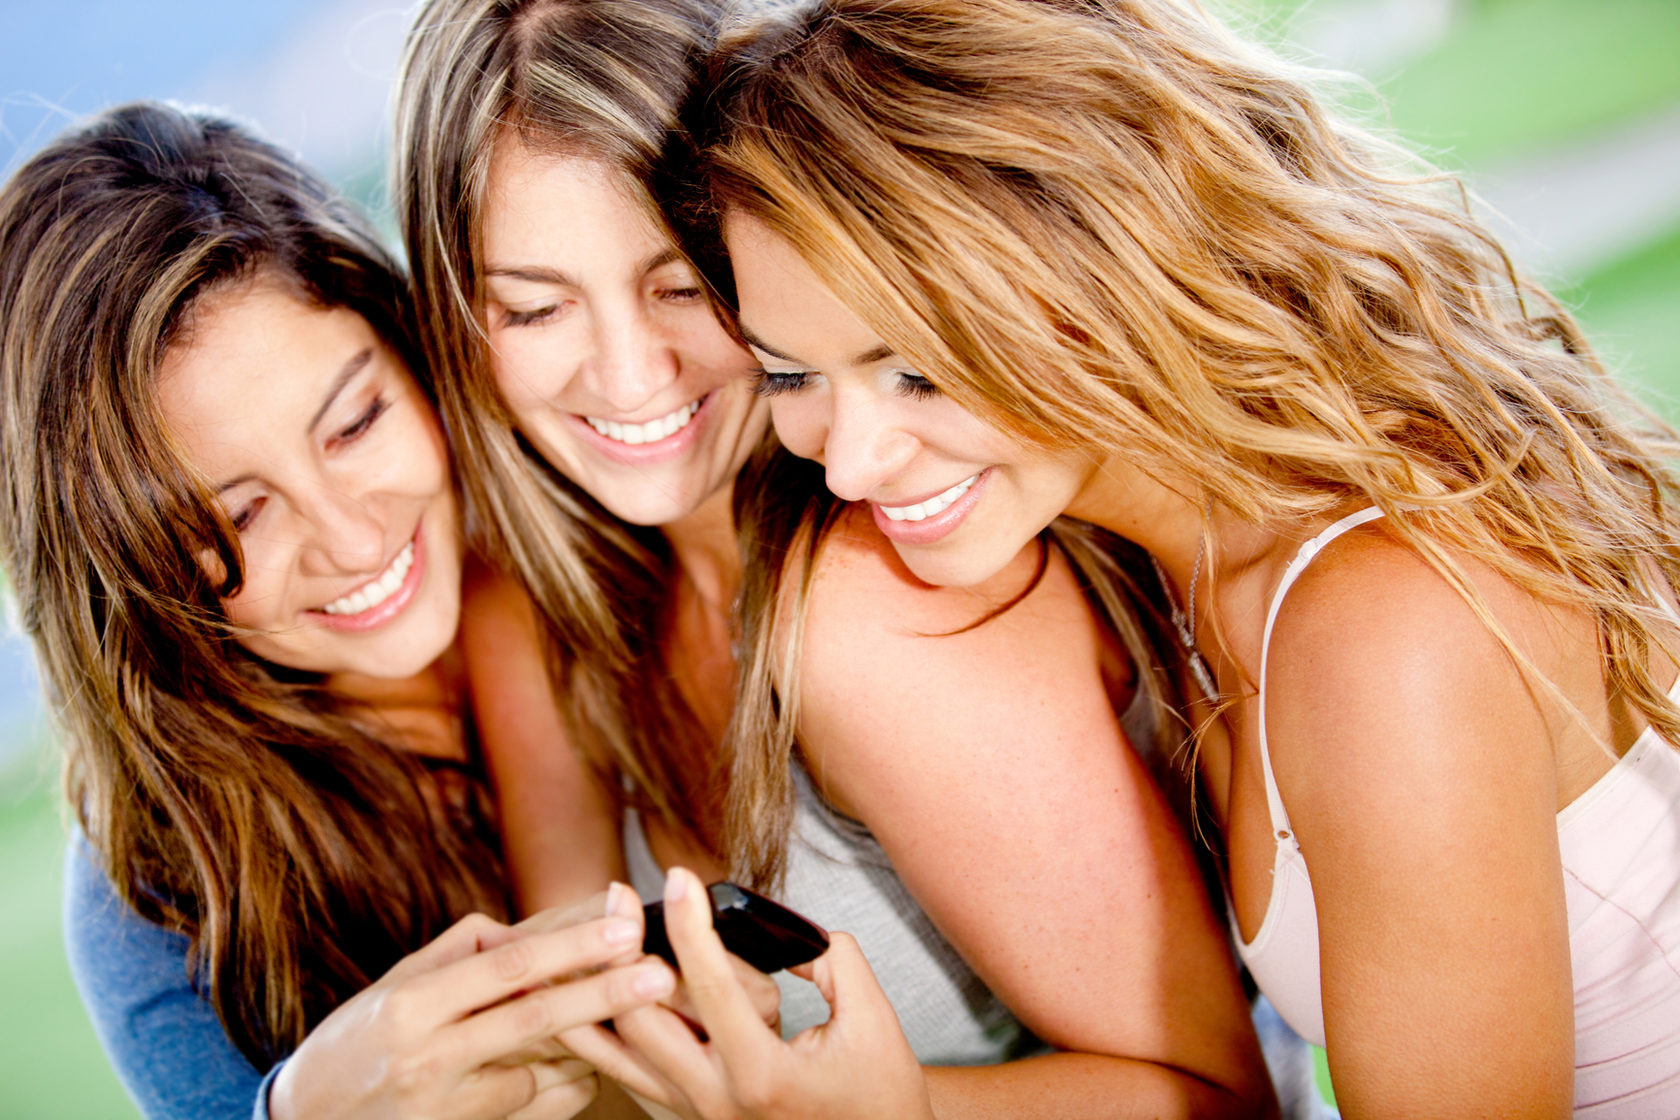 Наблюдаем за подругами онлайн